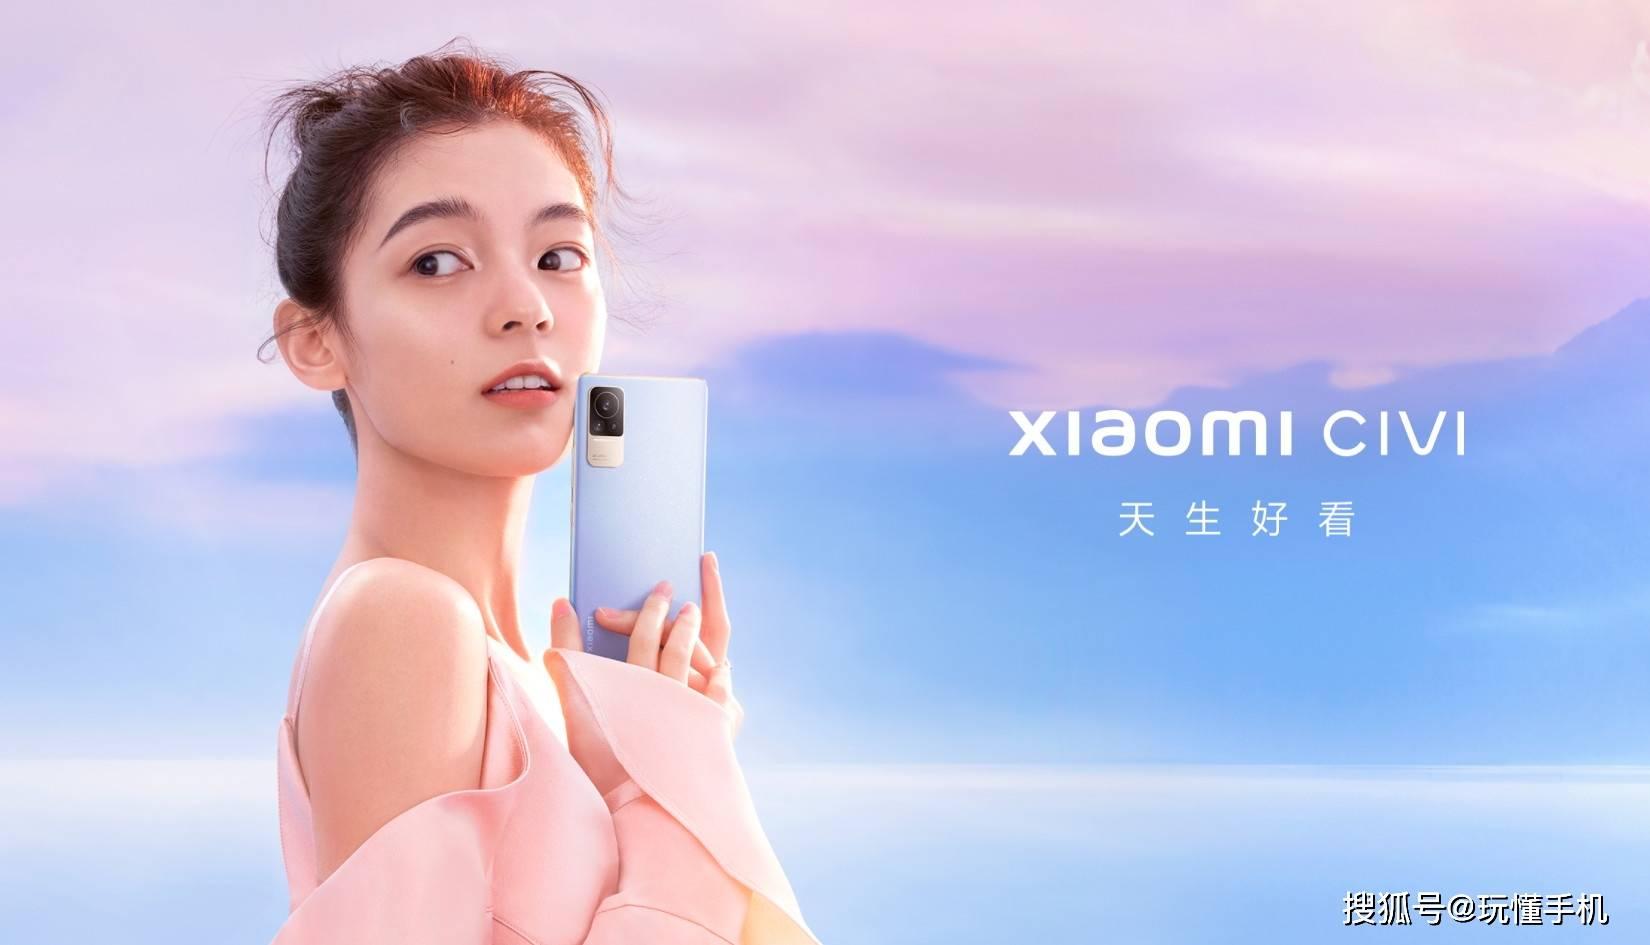 小米「Xiaomi Civi」新机正式发布:独特美学,天生好看